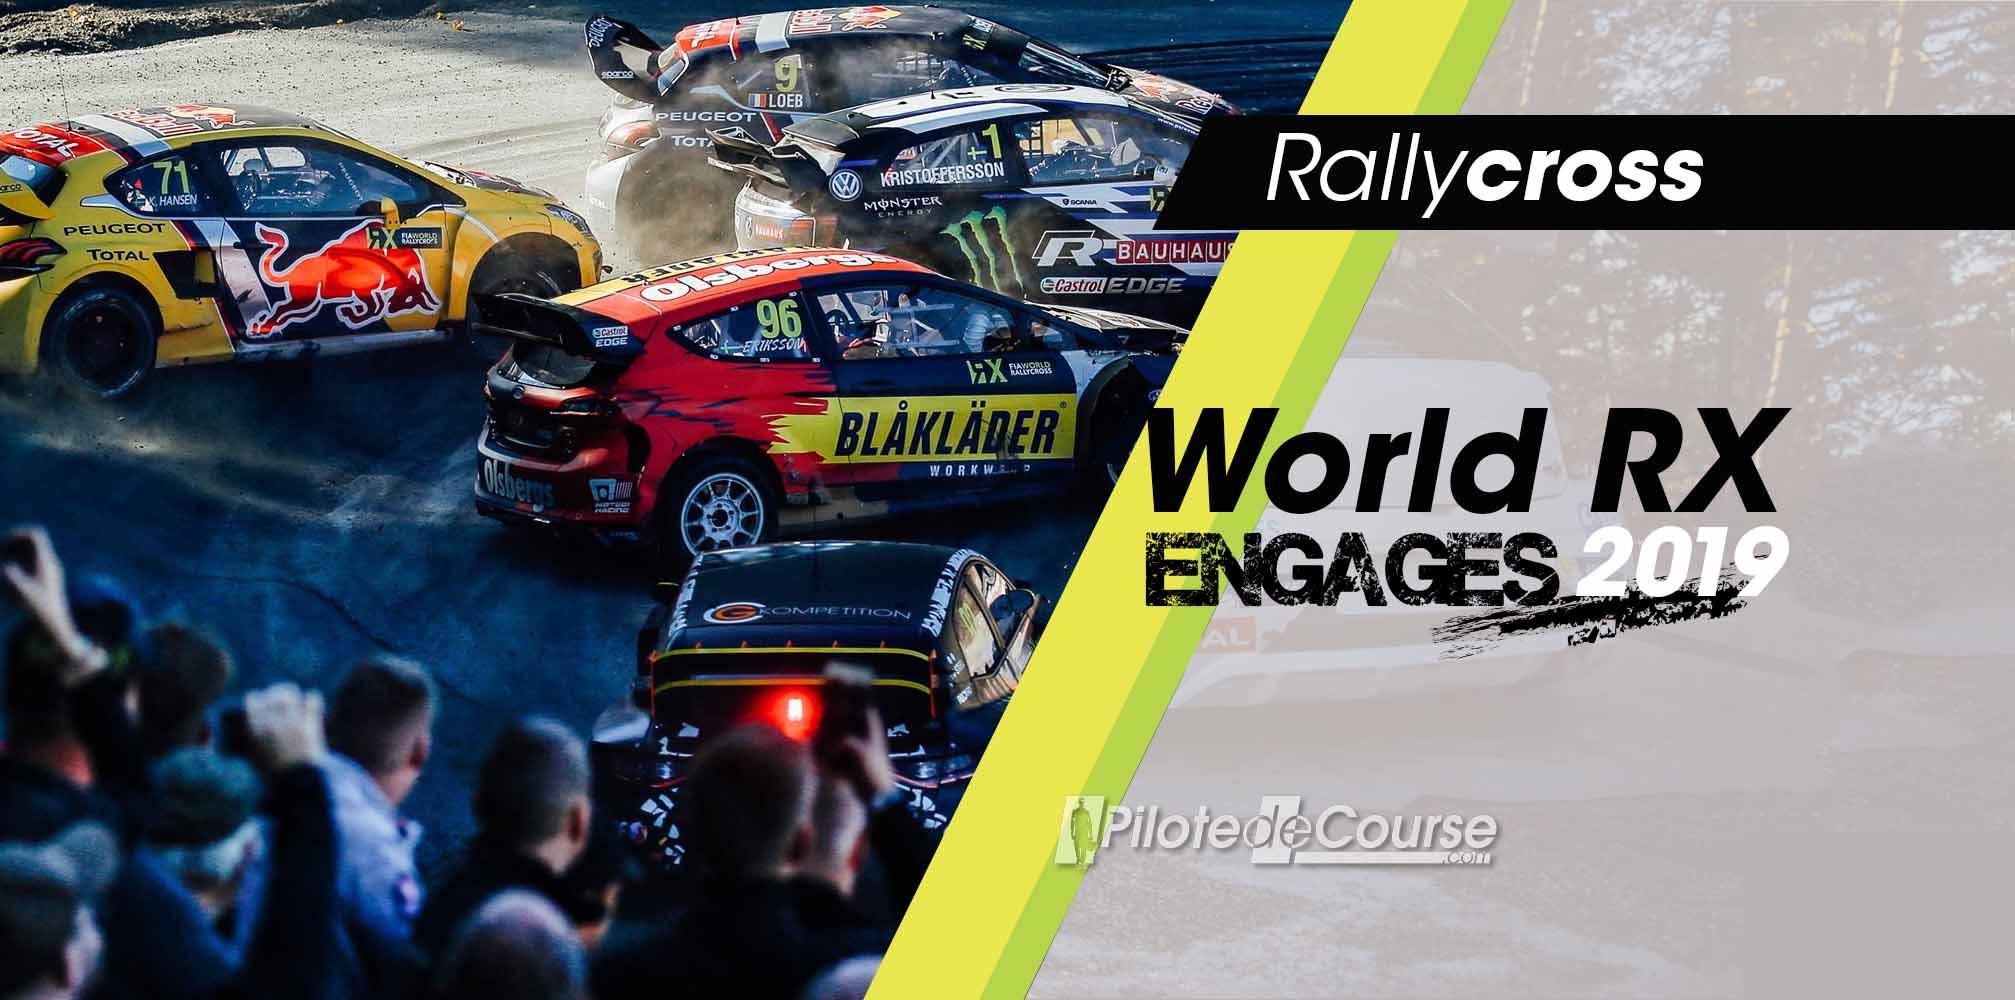 Calendrier Rallycross 2019 Championnat Du Monde.Engages World Rallycross 2019 Pilote De Course